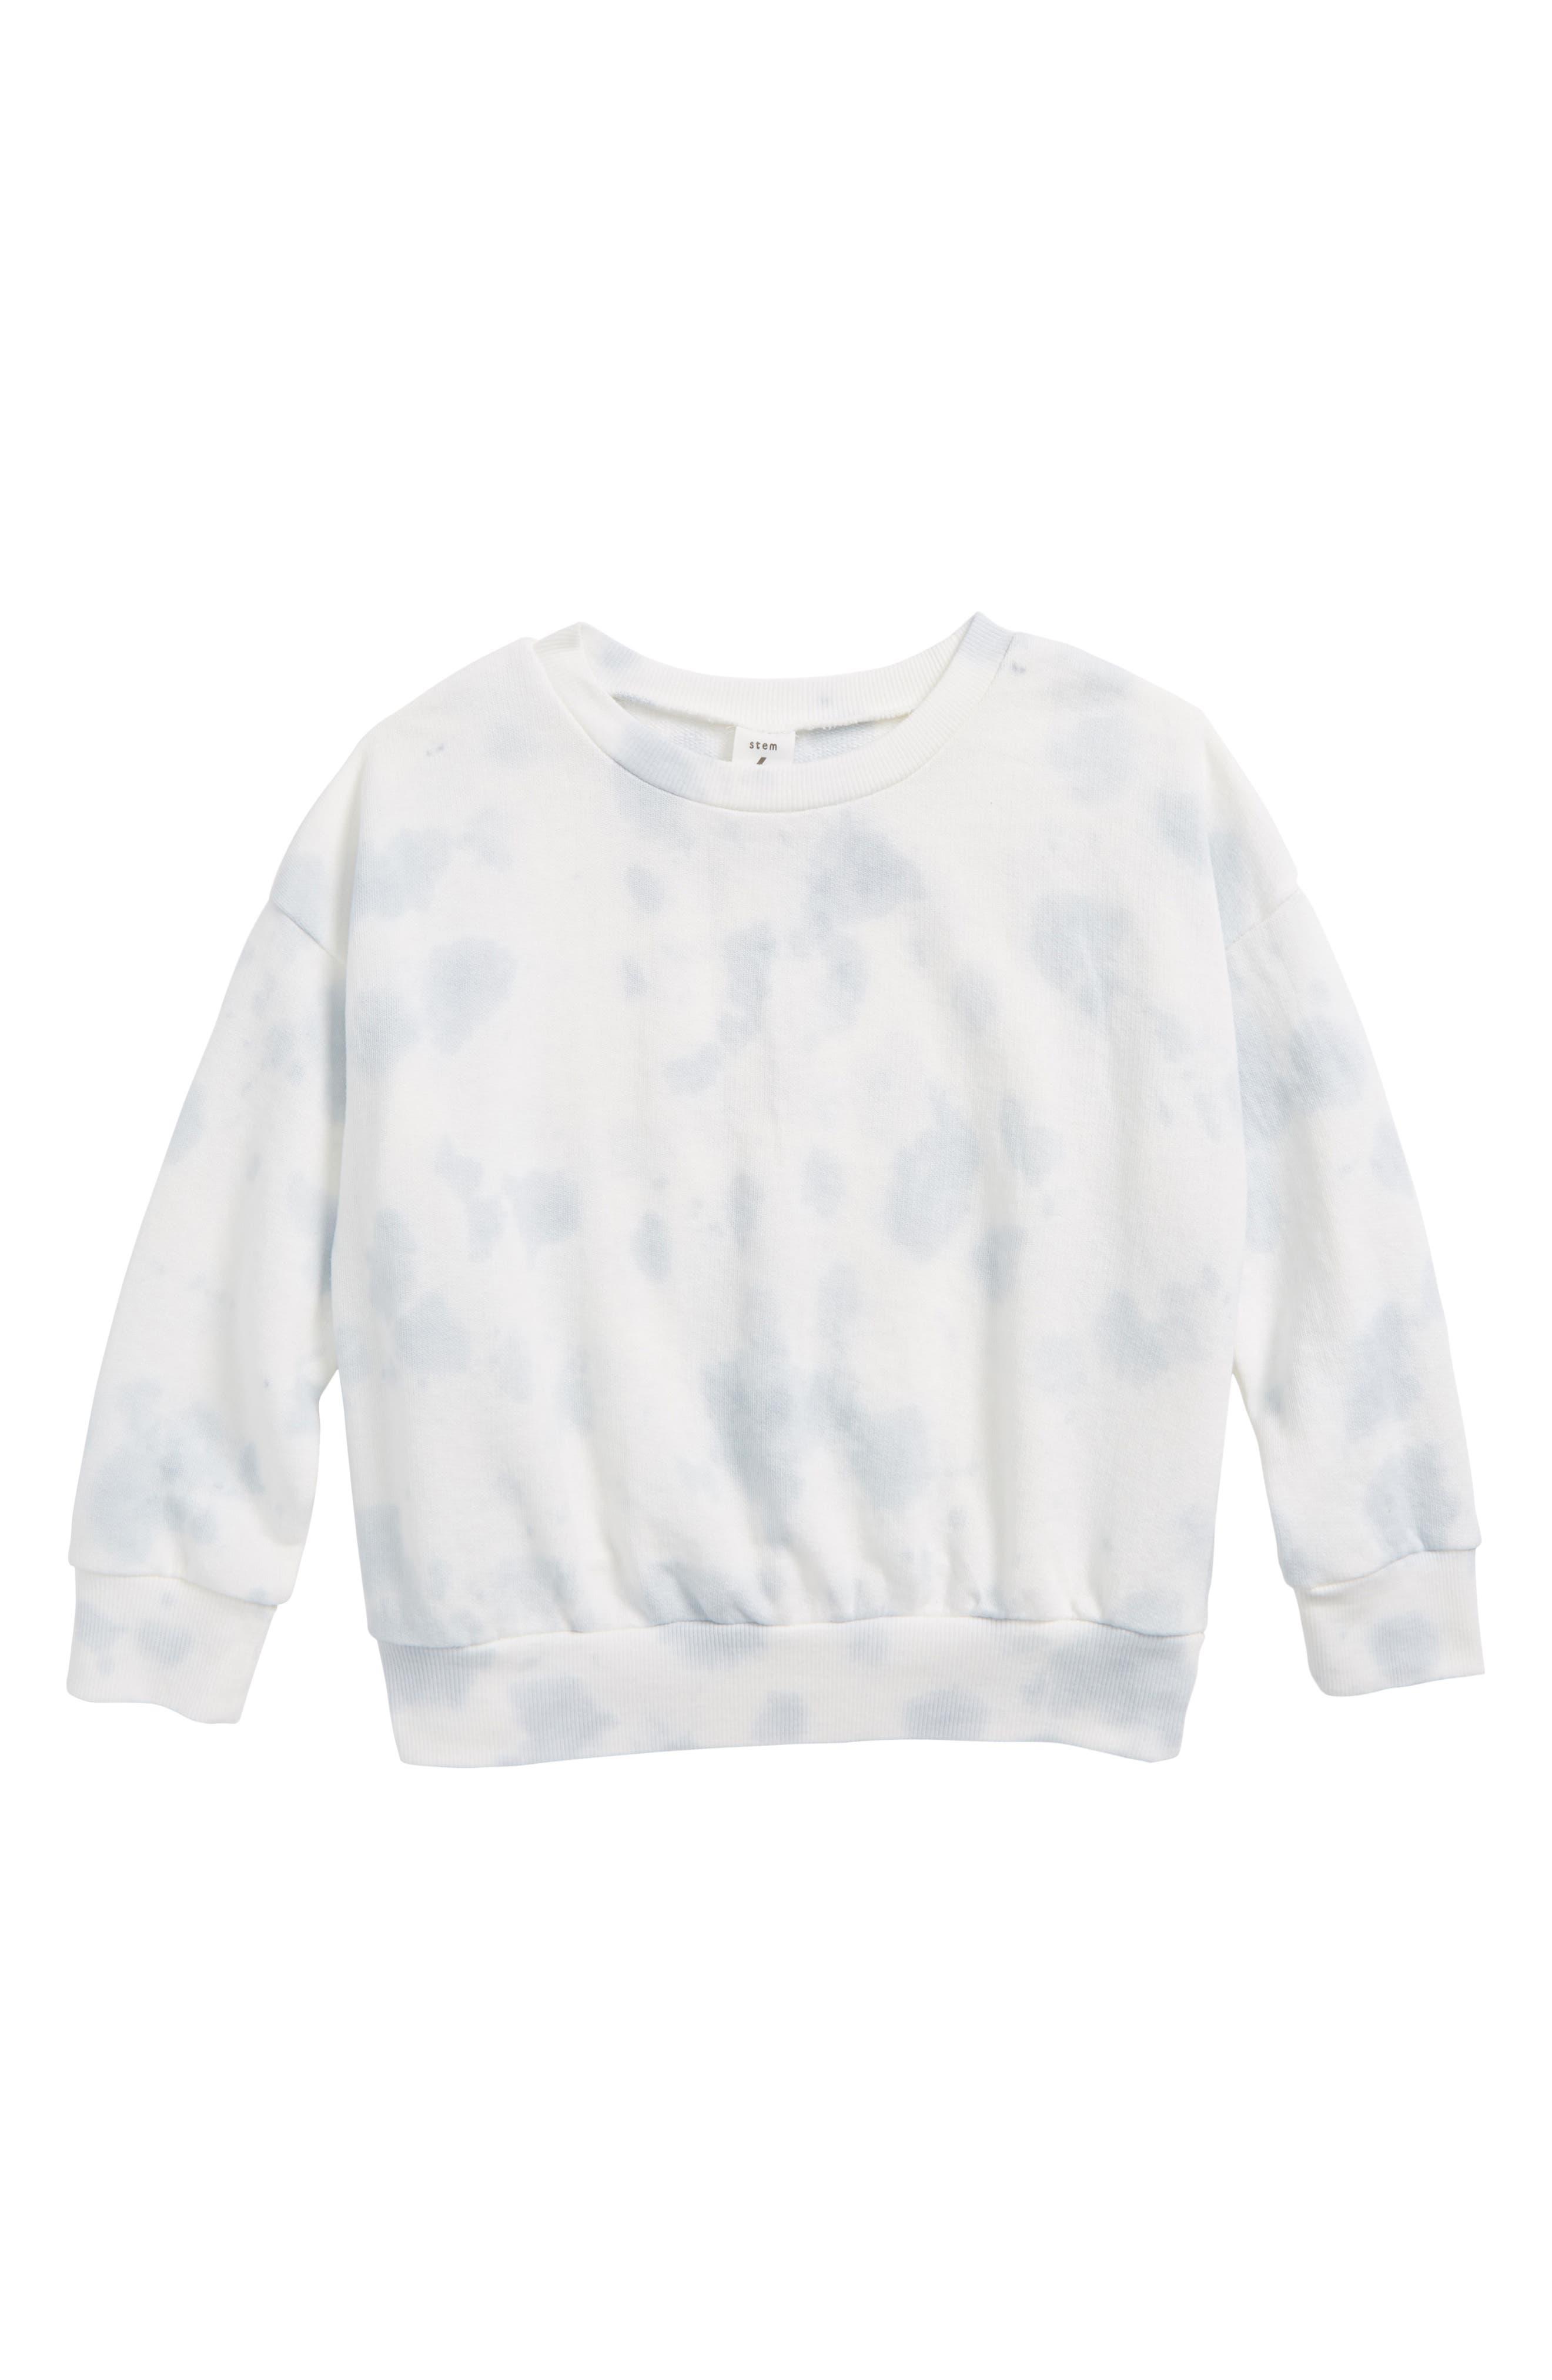 Tie Dye Sweatshirt,                         Main,                         color, Blue Fog Tie Dye